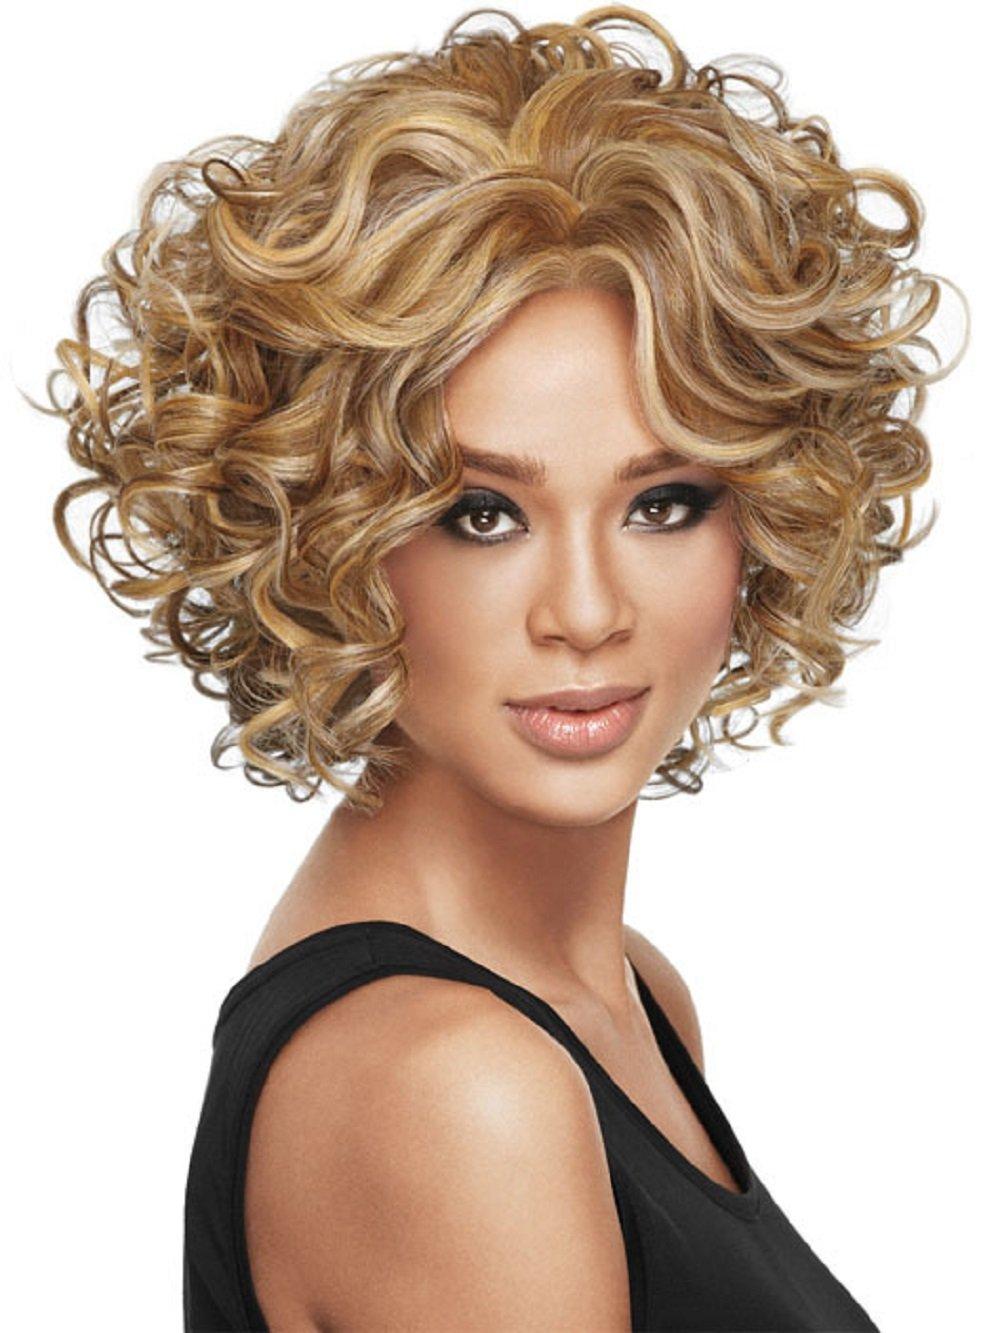 peluca rizada Pelucas de pelo corto rizado; pelucas de pelo afro rizado para mujeres negras. Pelucas sintéticas con flequillos resistentes al calor, ...